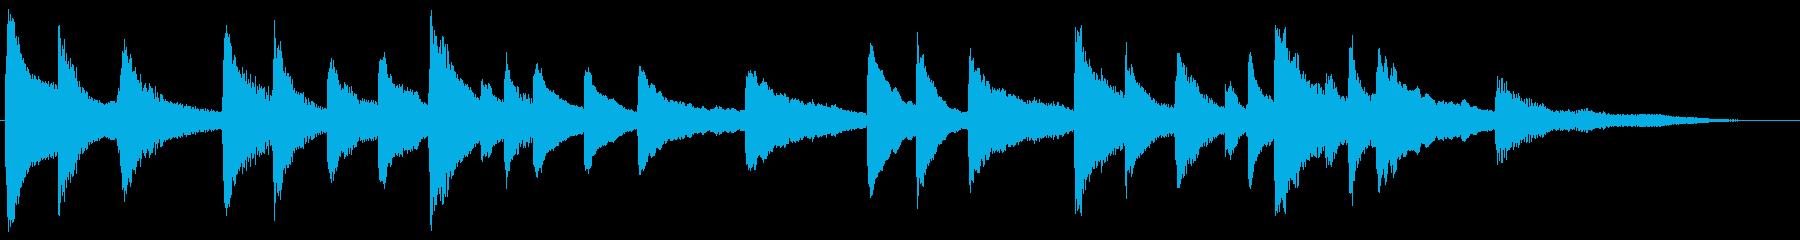 子守唄風 スローで優しいピアノ・ジングルの再生済みの波形